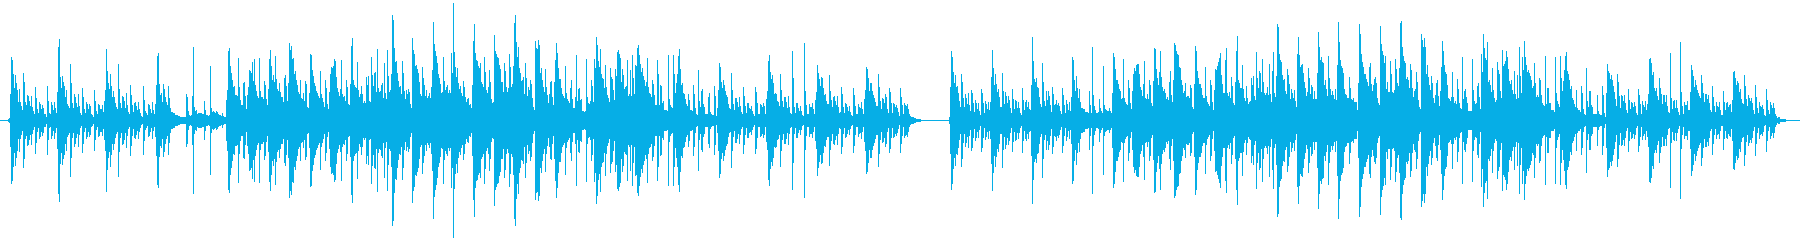 眠りそうなインストヒップホップの再生済みの波形